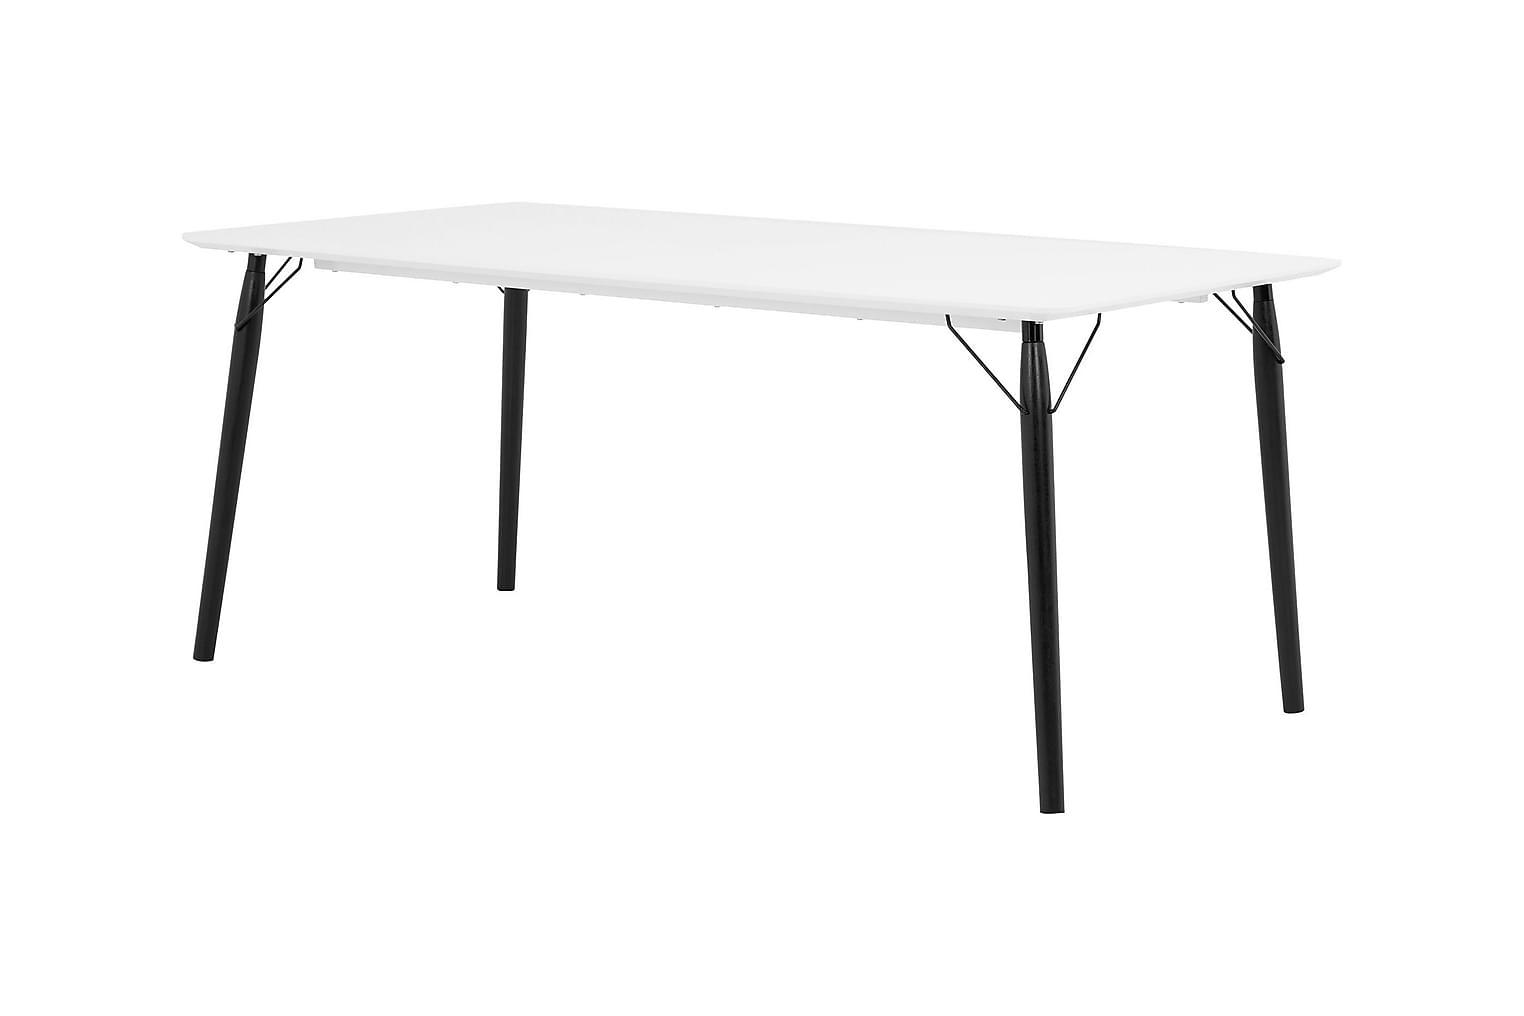 CLAIRE Pöytä 180 Valkoinen/Musta